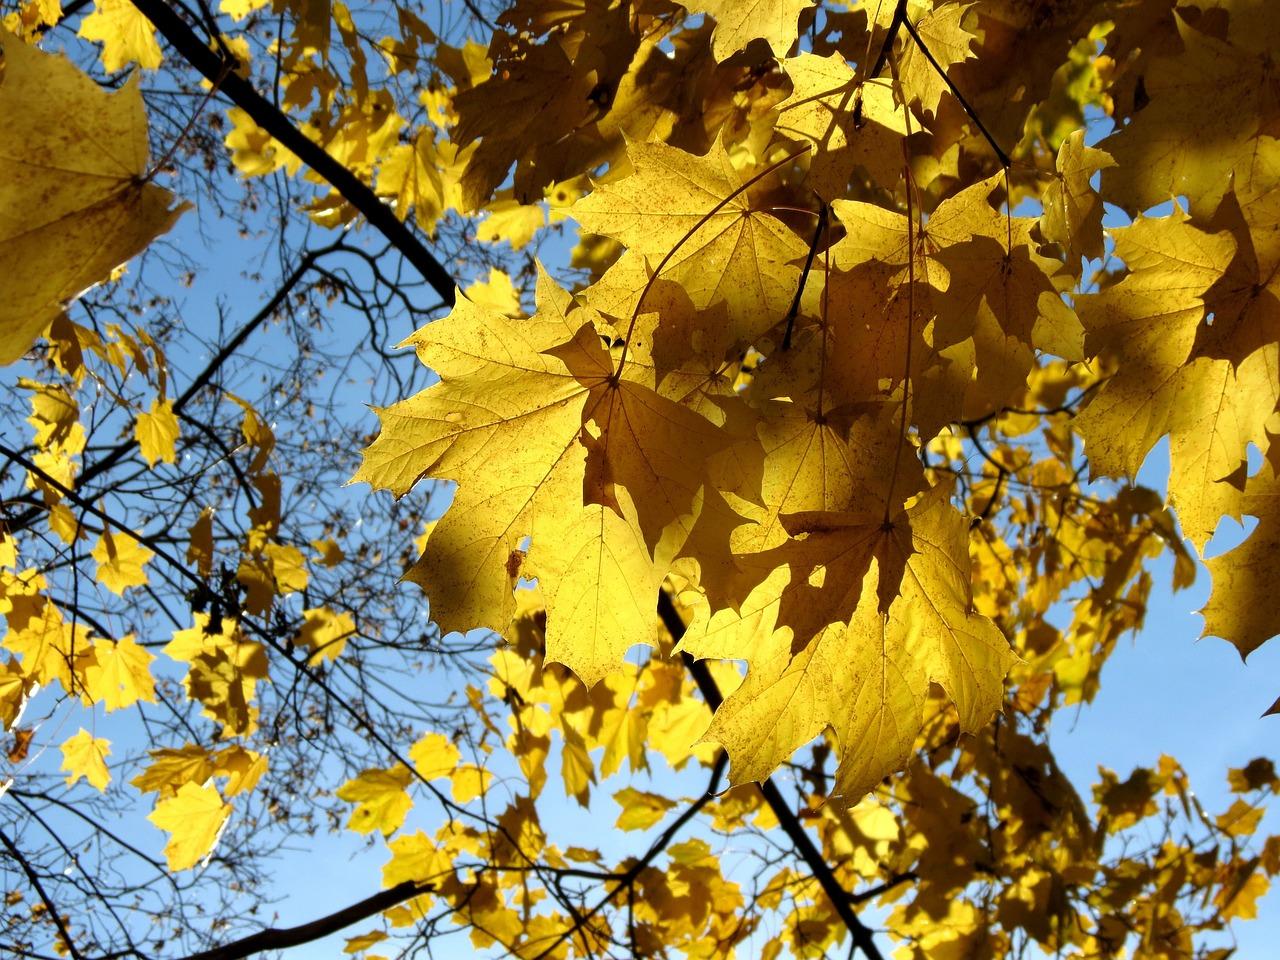 Картинки листьев желтых, дню